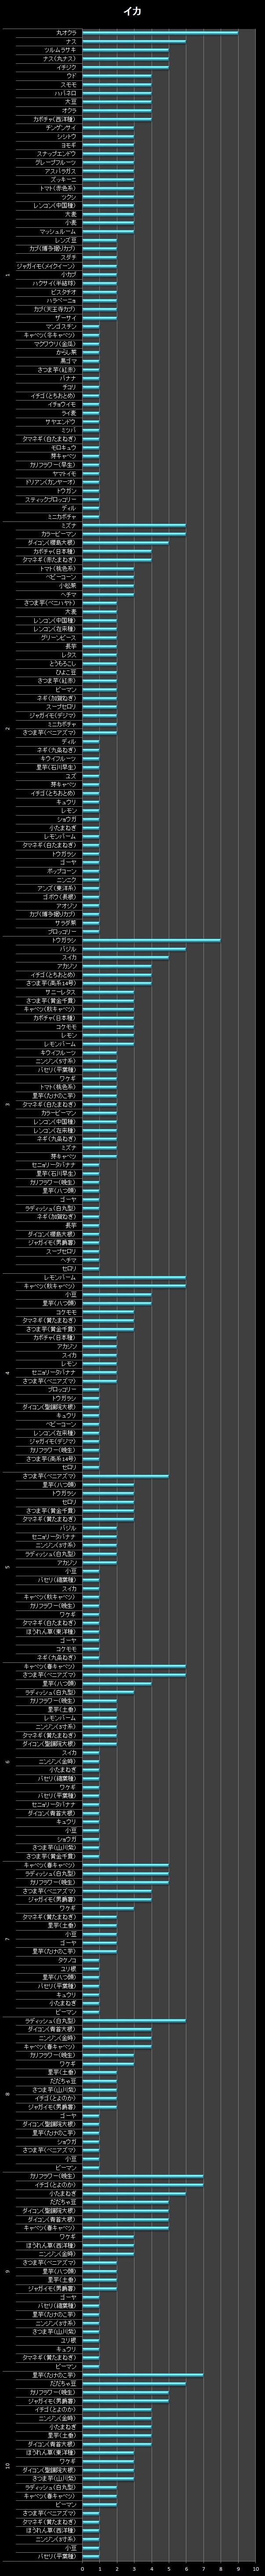 横棒グラフ/イカ